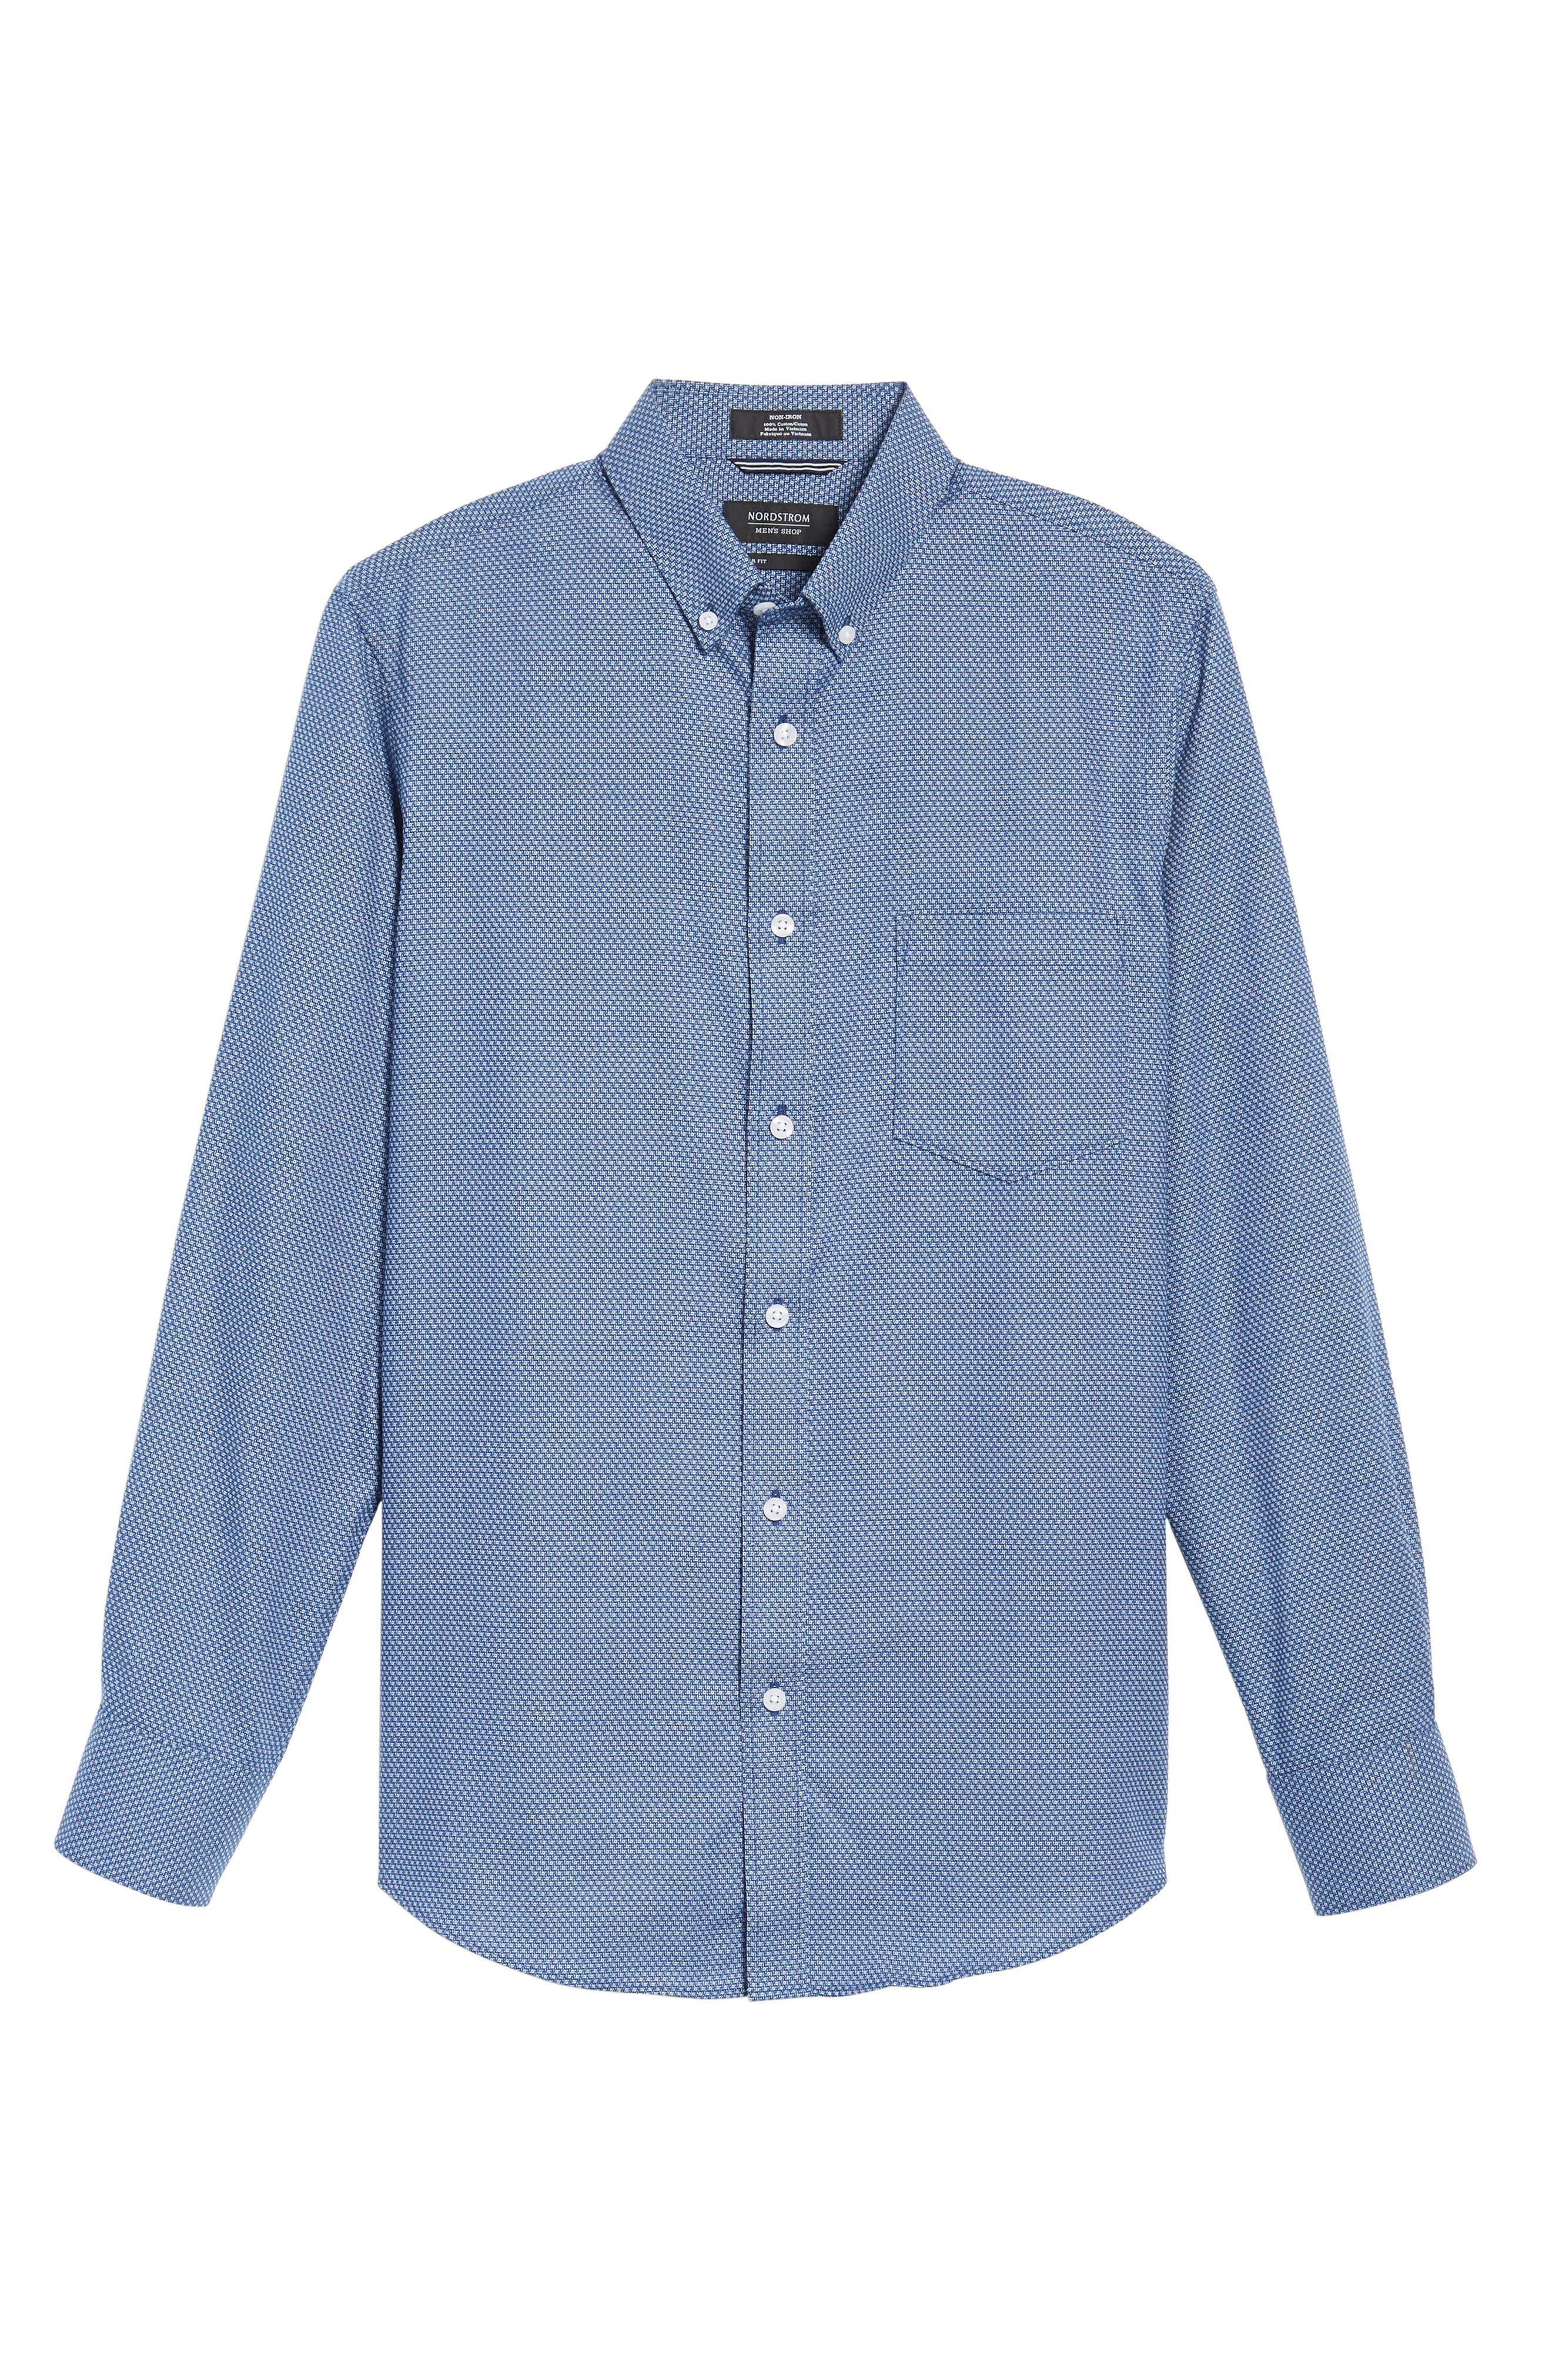 Non-Iron Regular Fit Print Sport Shirt,                             Alternate thumbnail 6, color,                             Blue Estate Square Dobby